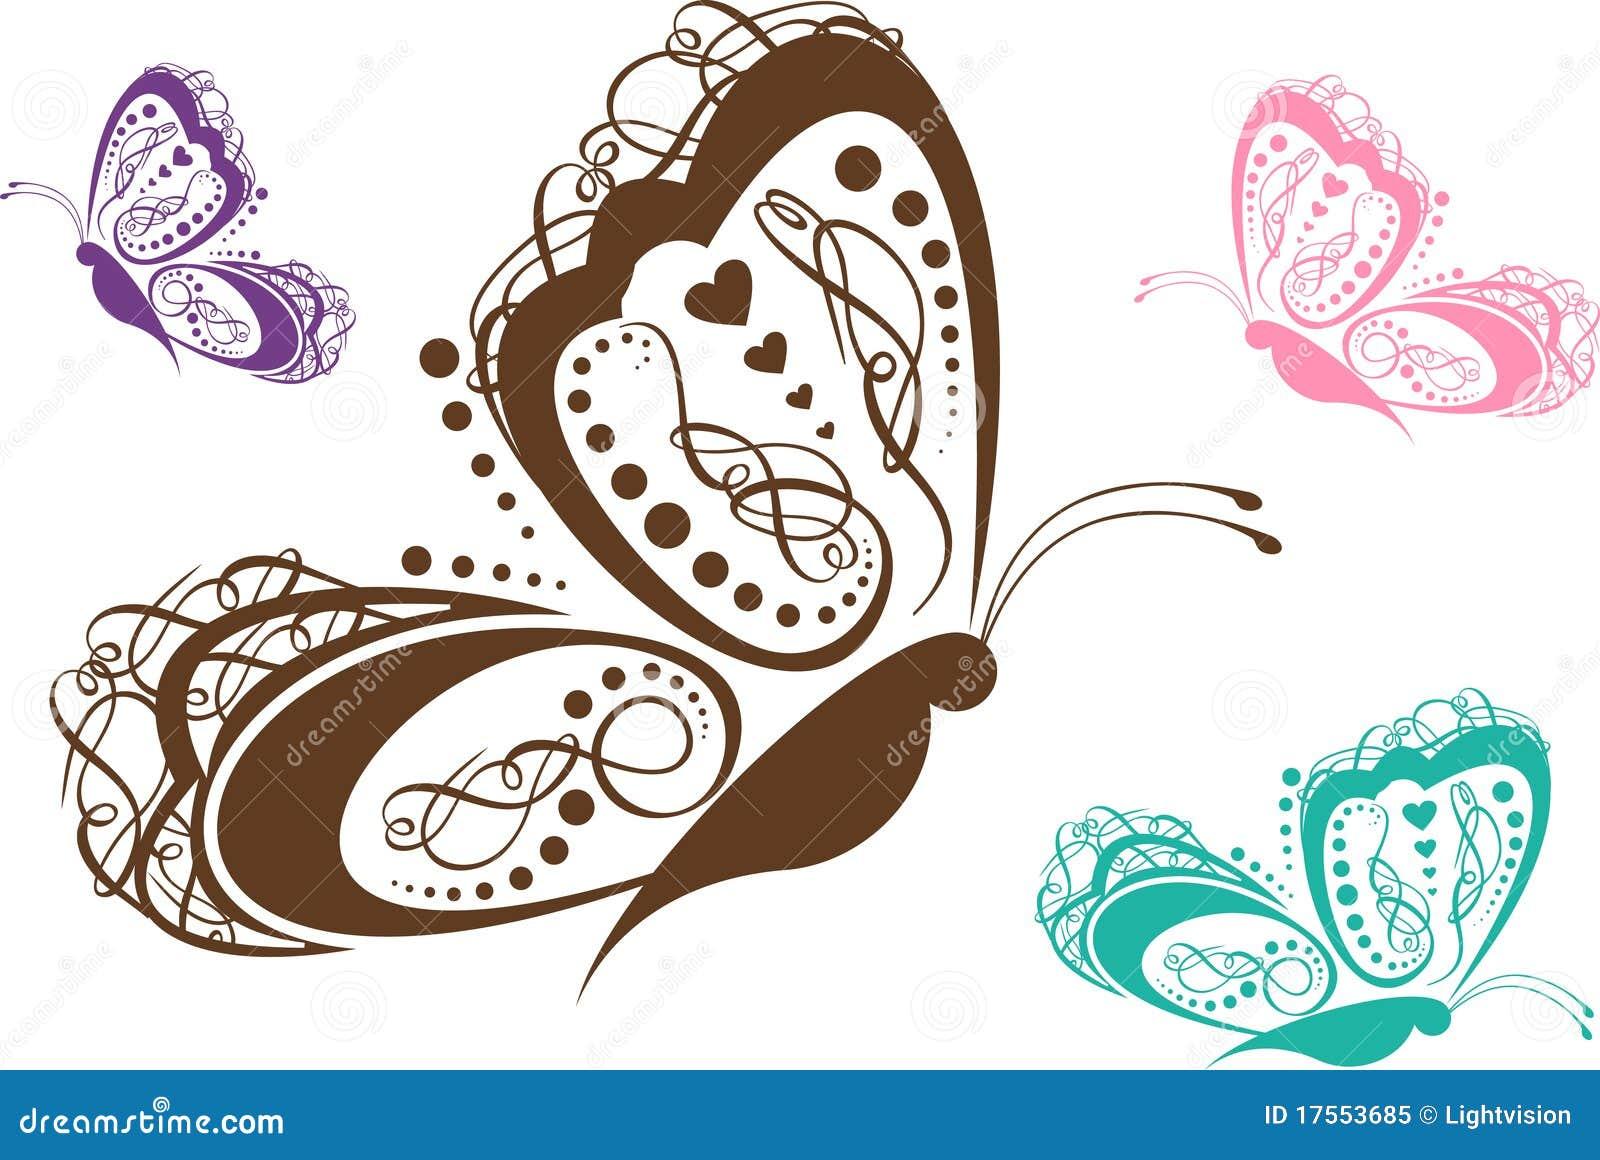 蝴蝶五颜六色的滚动